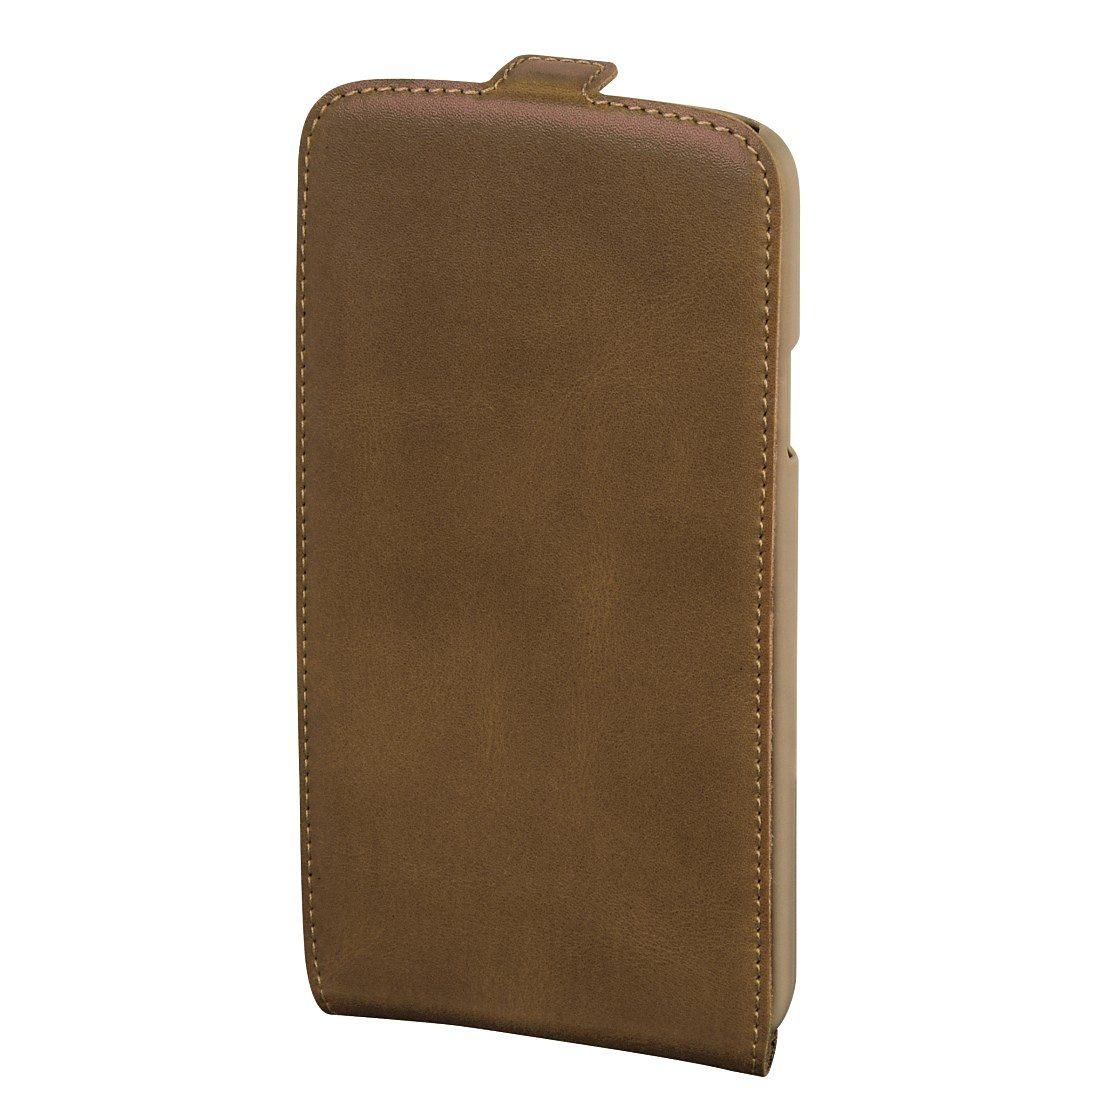 Hama Flap-Tasche Guard Case für Samsung Galaxy S5 mini, Braun/Natur